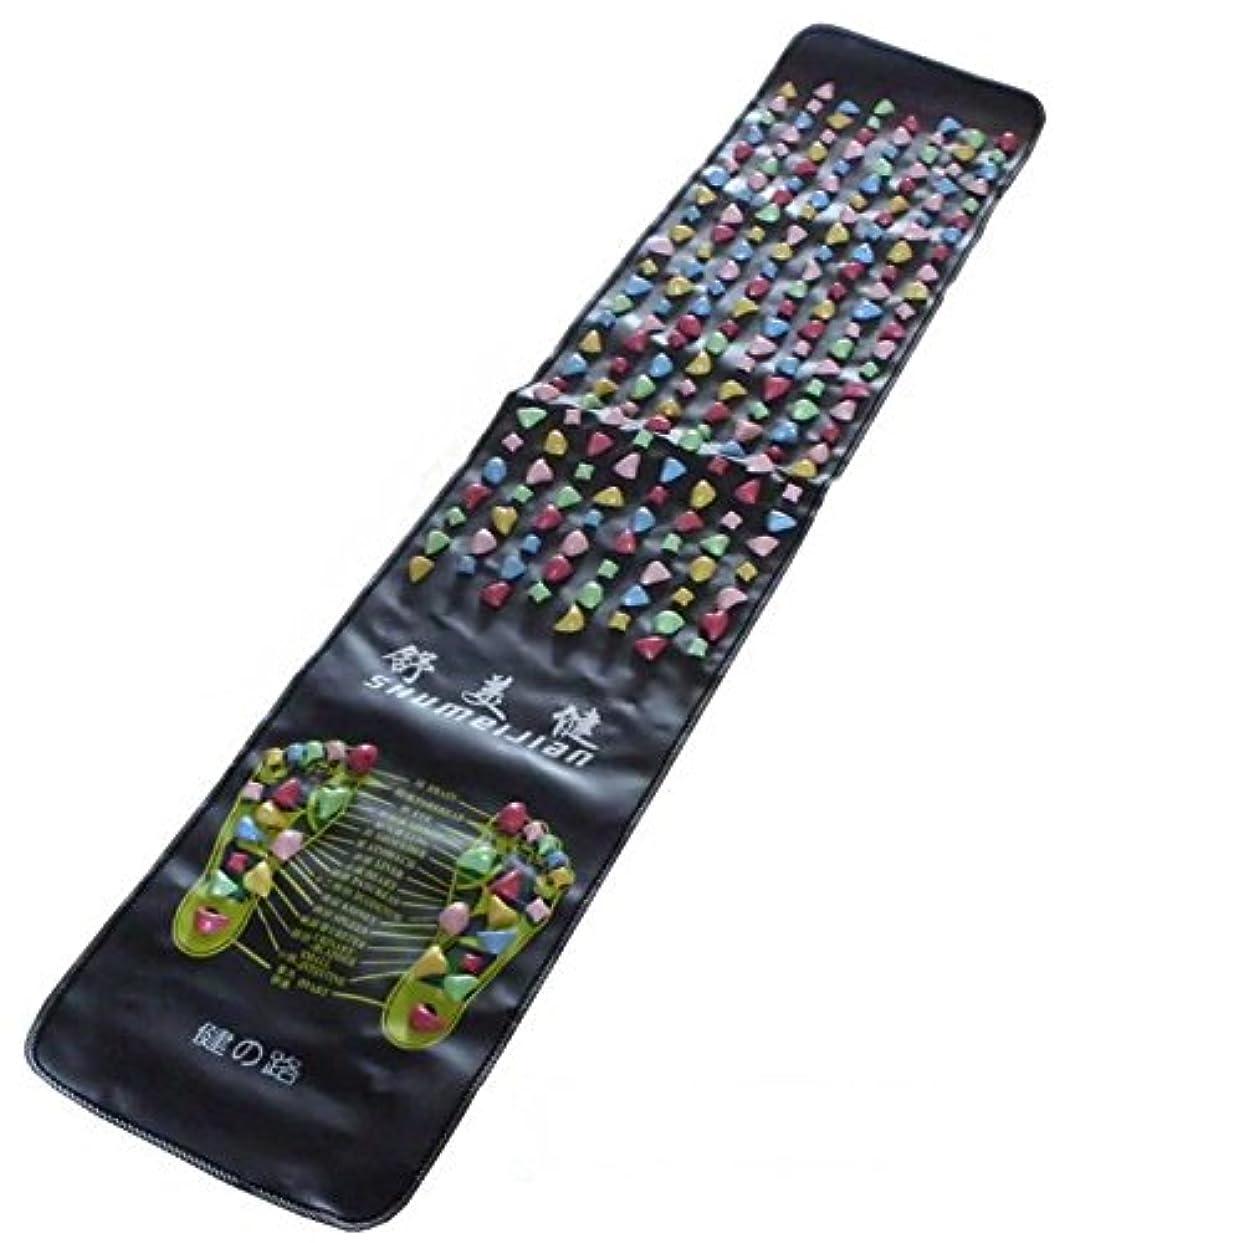 チョコレート繁栄ラッドヤードキップリング本物の健康 フットマッサージ 足のマッサージパッド 模造石畳の歩道